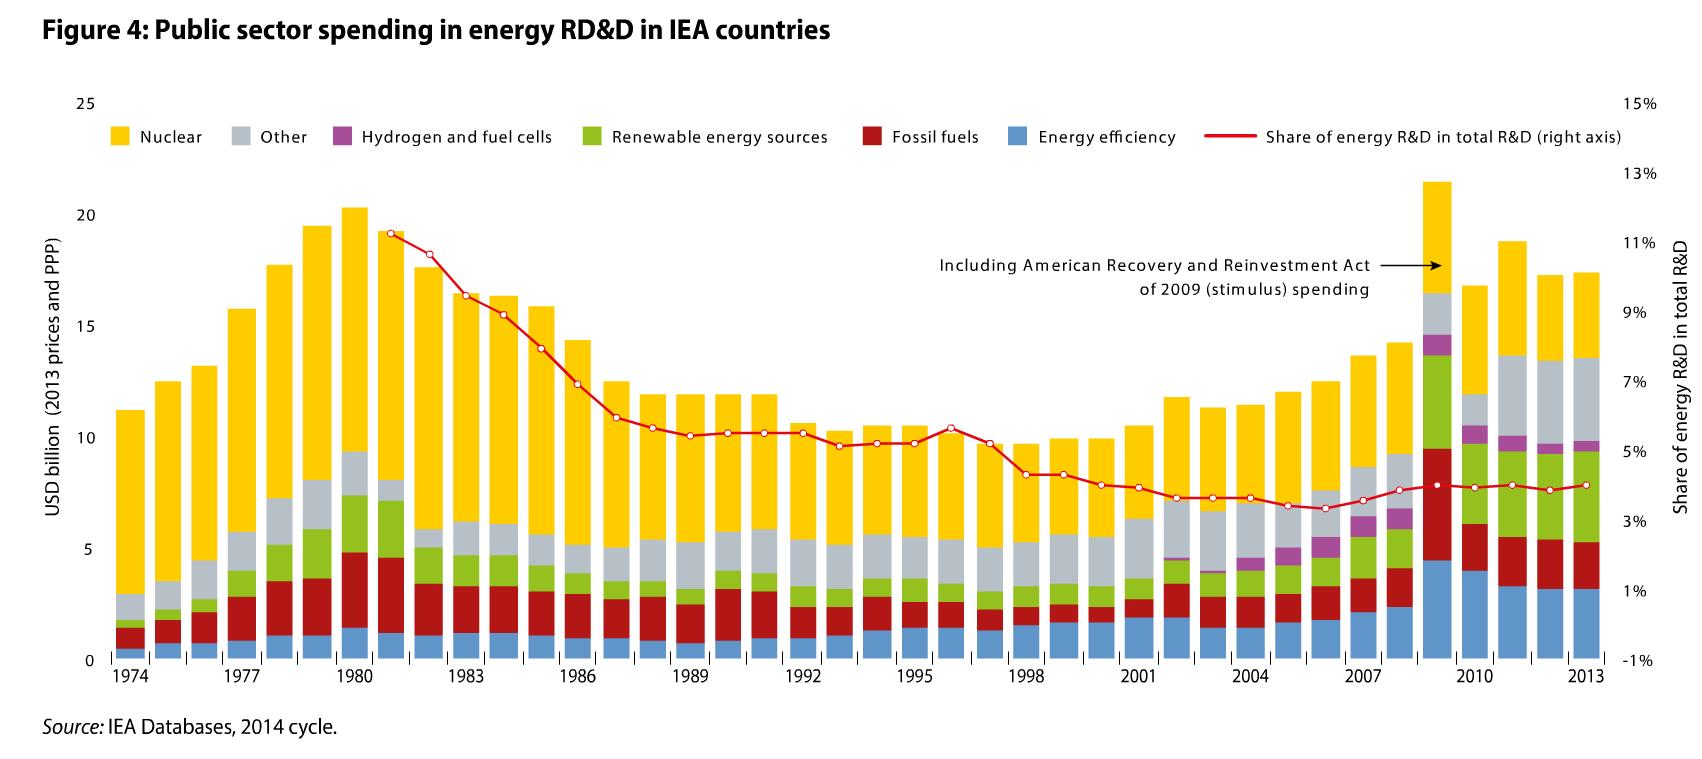 השקעות במחקר בתחום האנרגיה